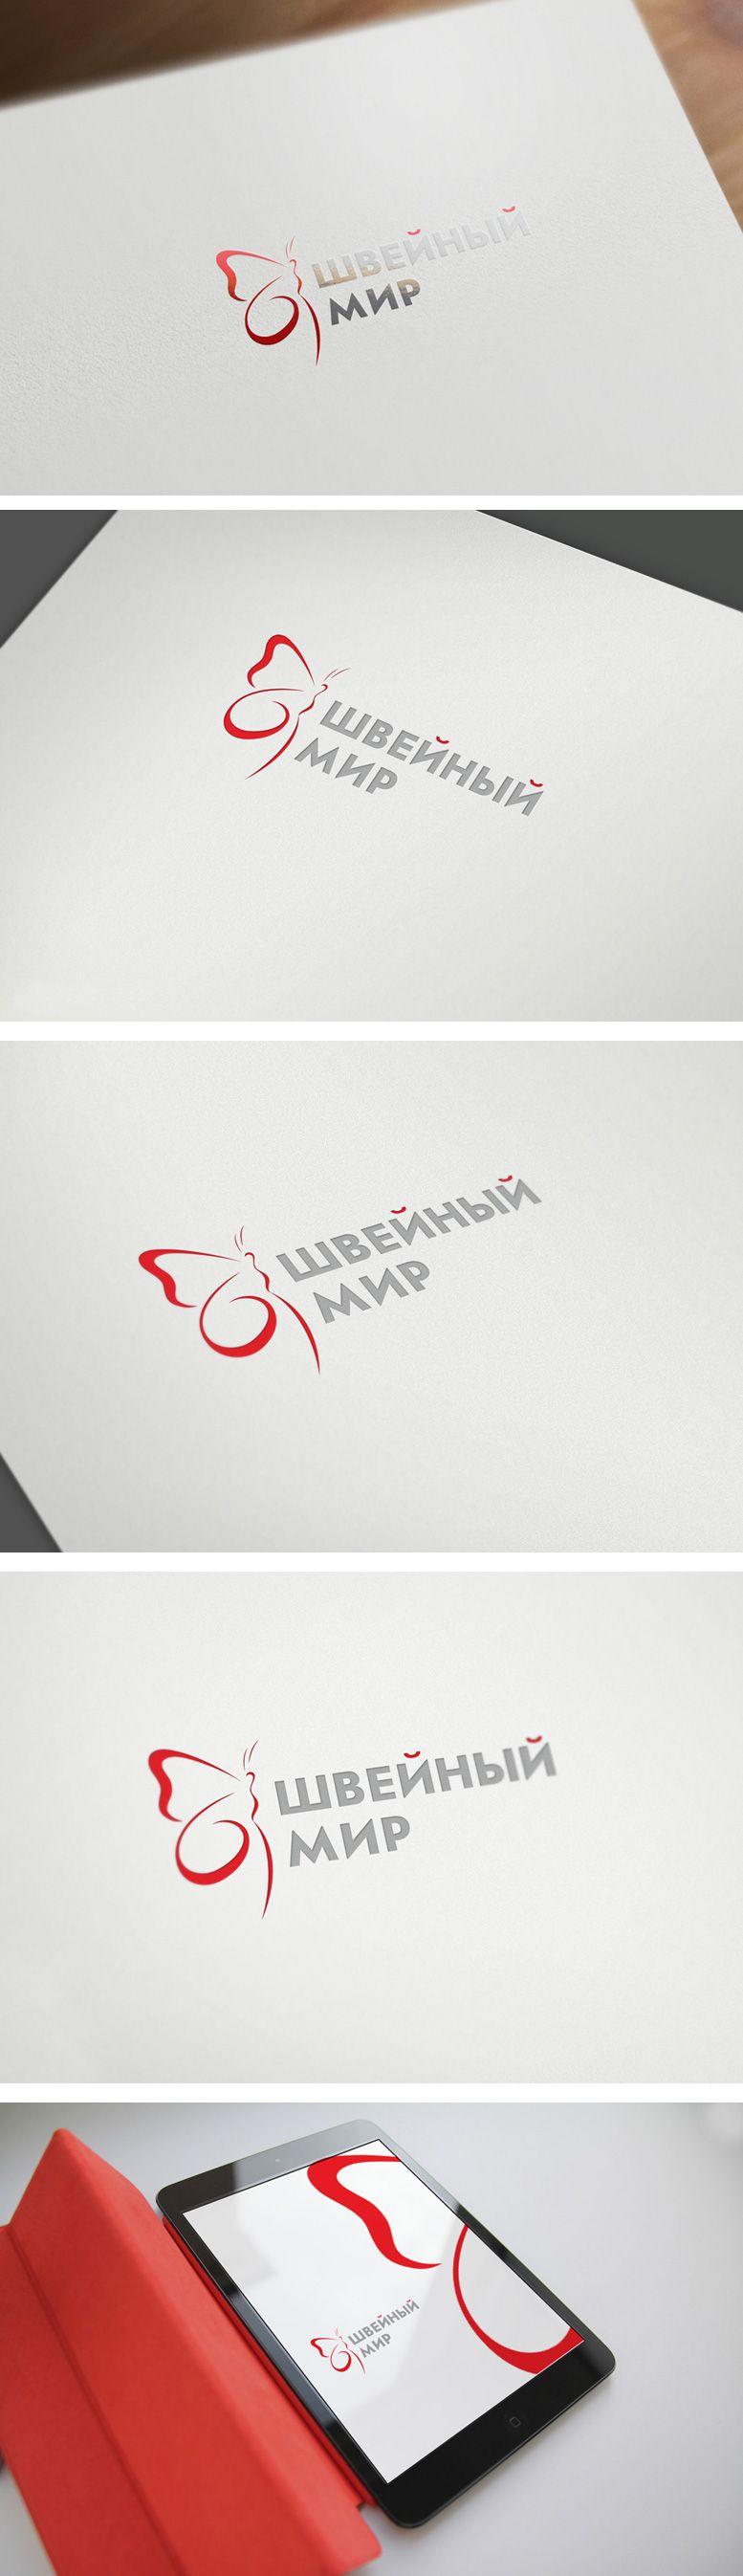 Логотип для ООО Швейный мир - дизайнер GreenRed